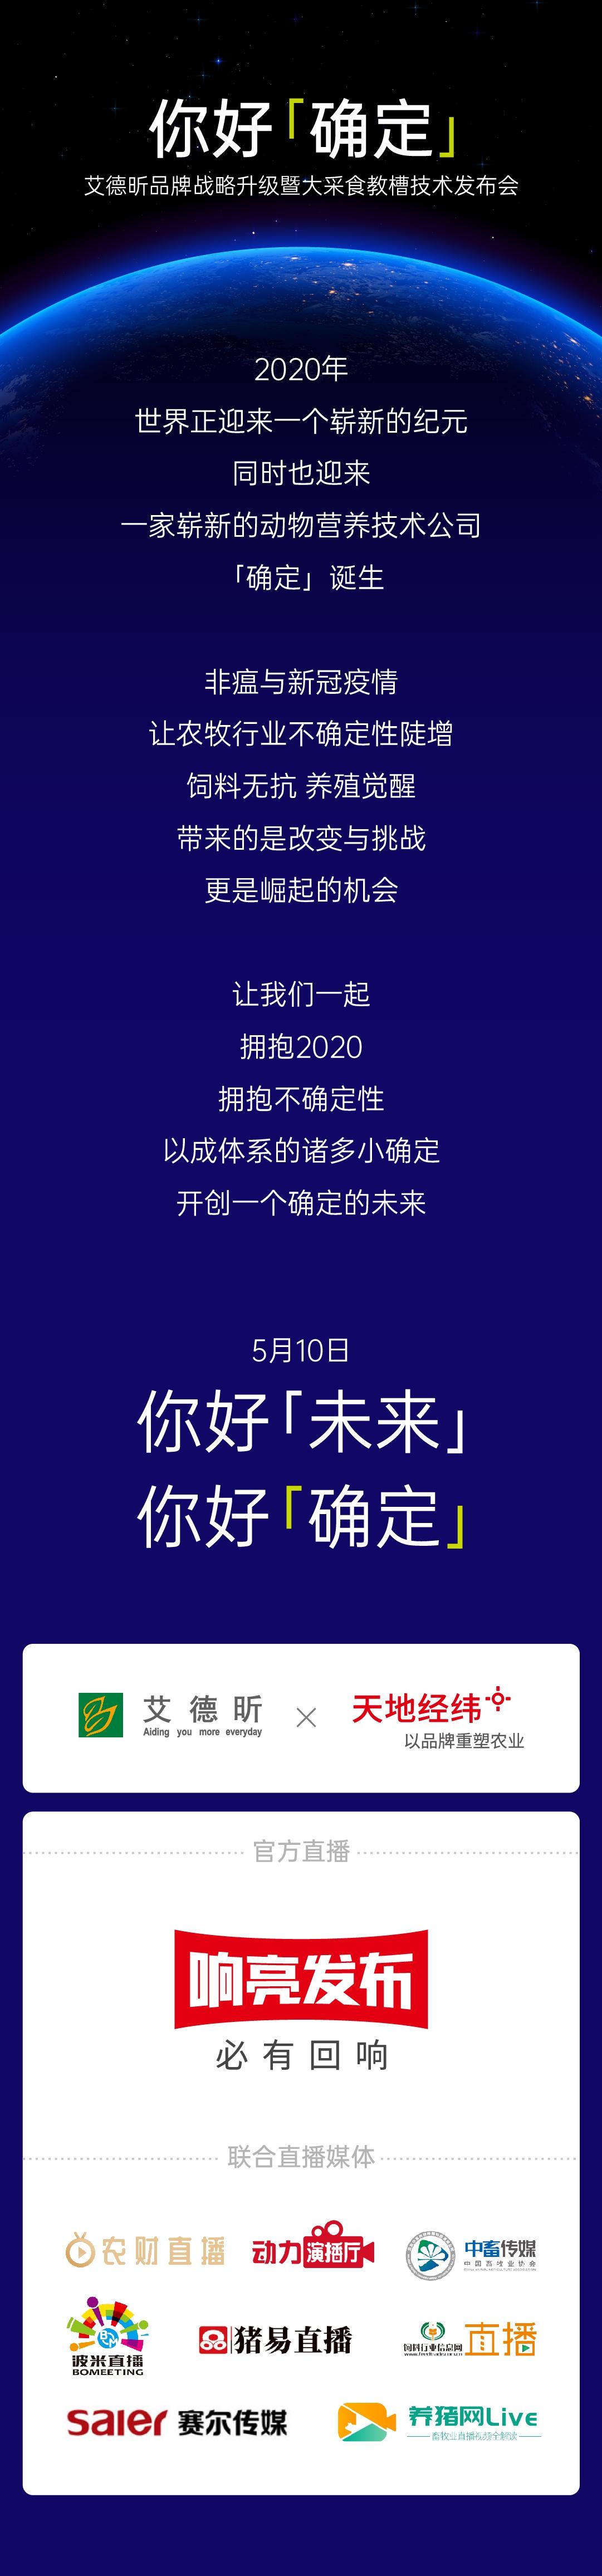 介绍长图-01.jpg